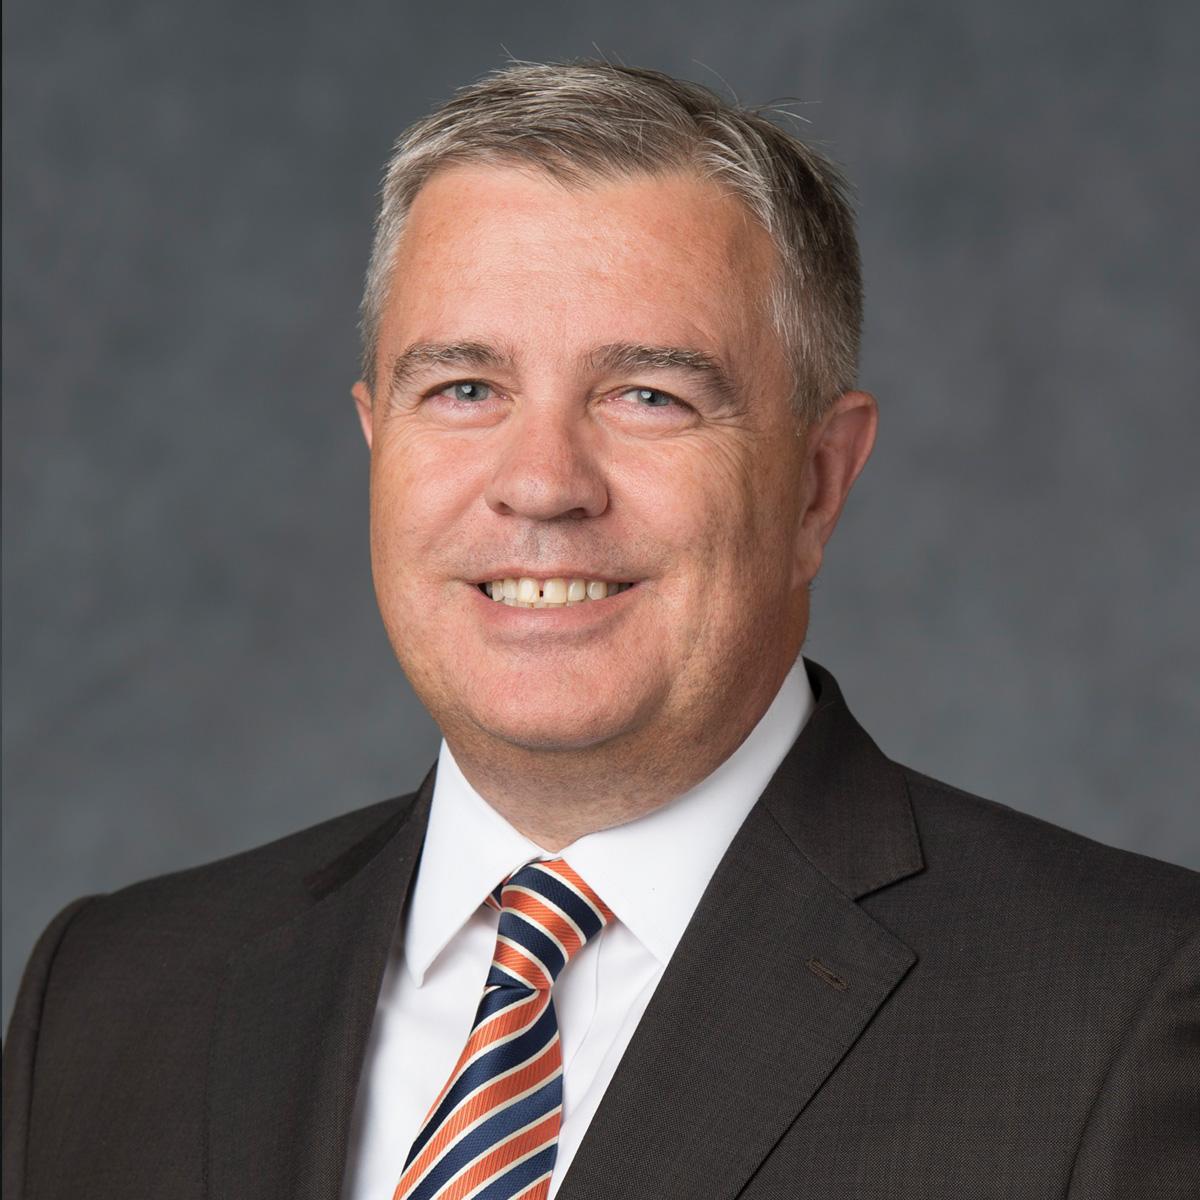 Elder Martin J. Turvey